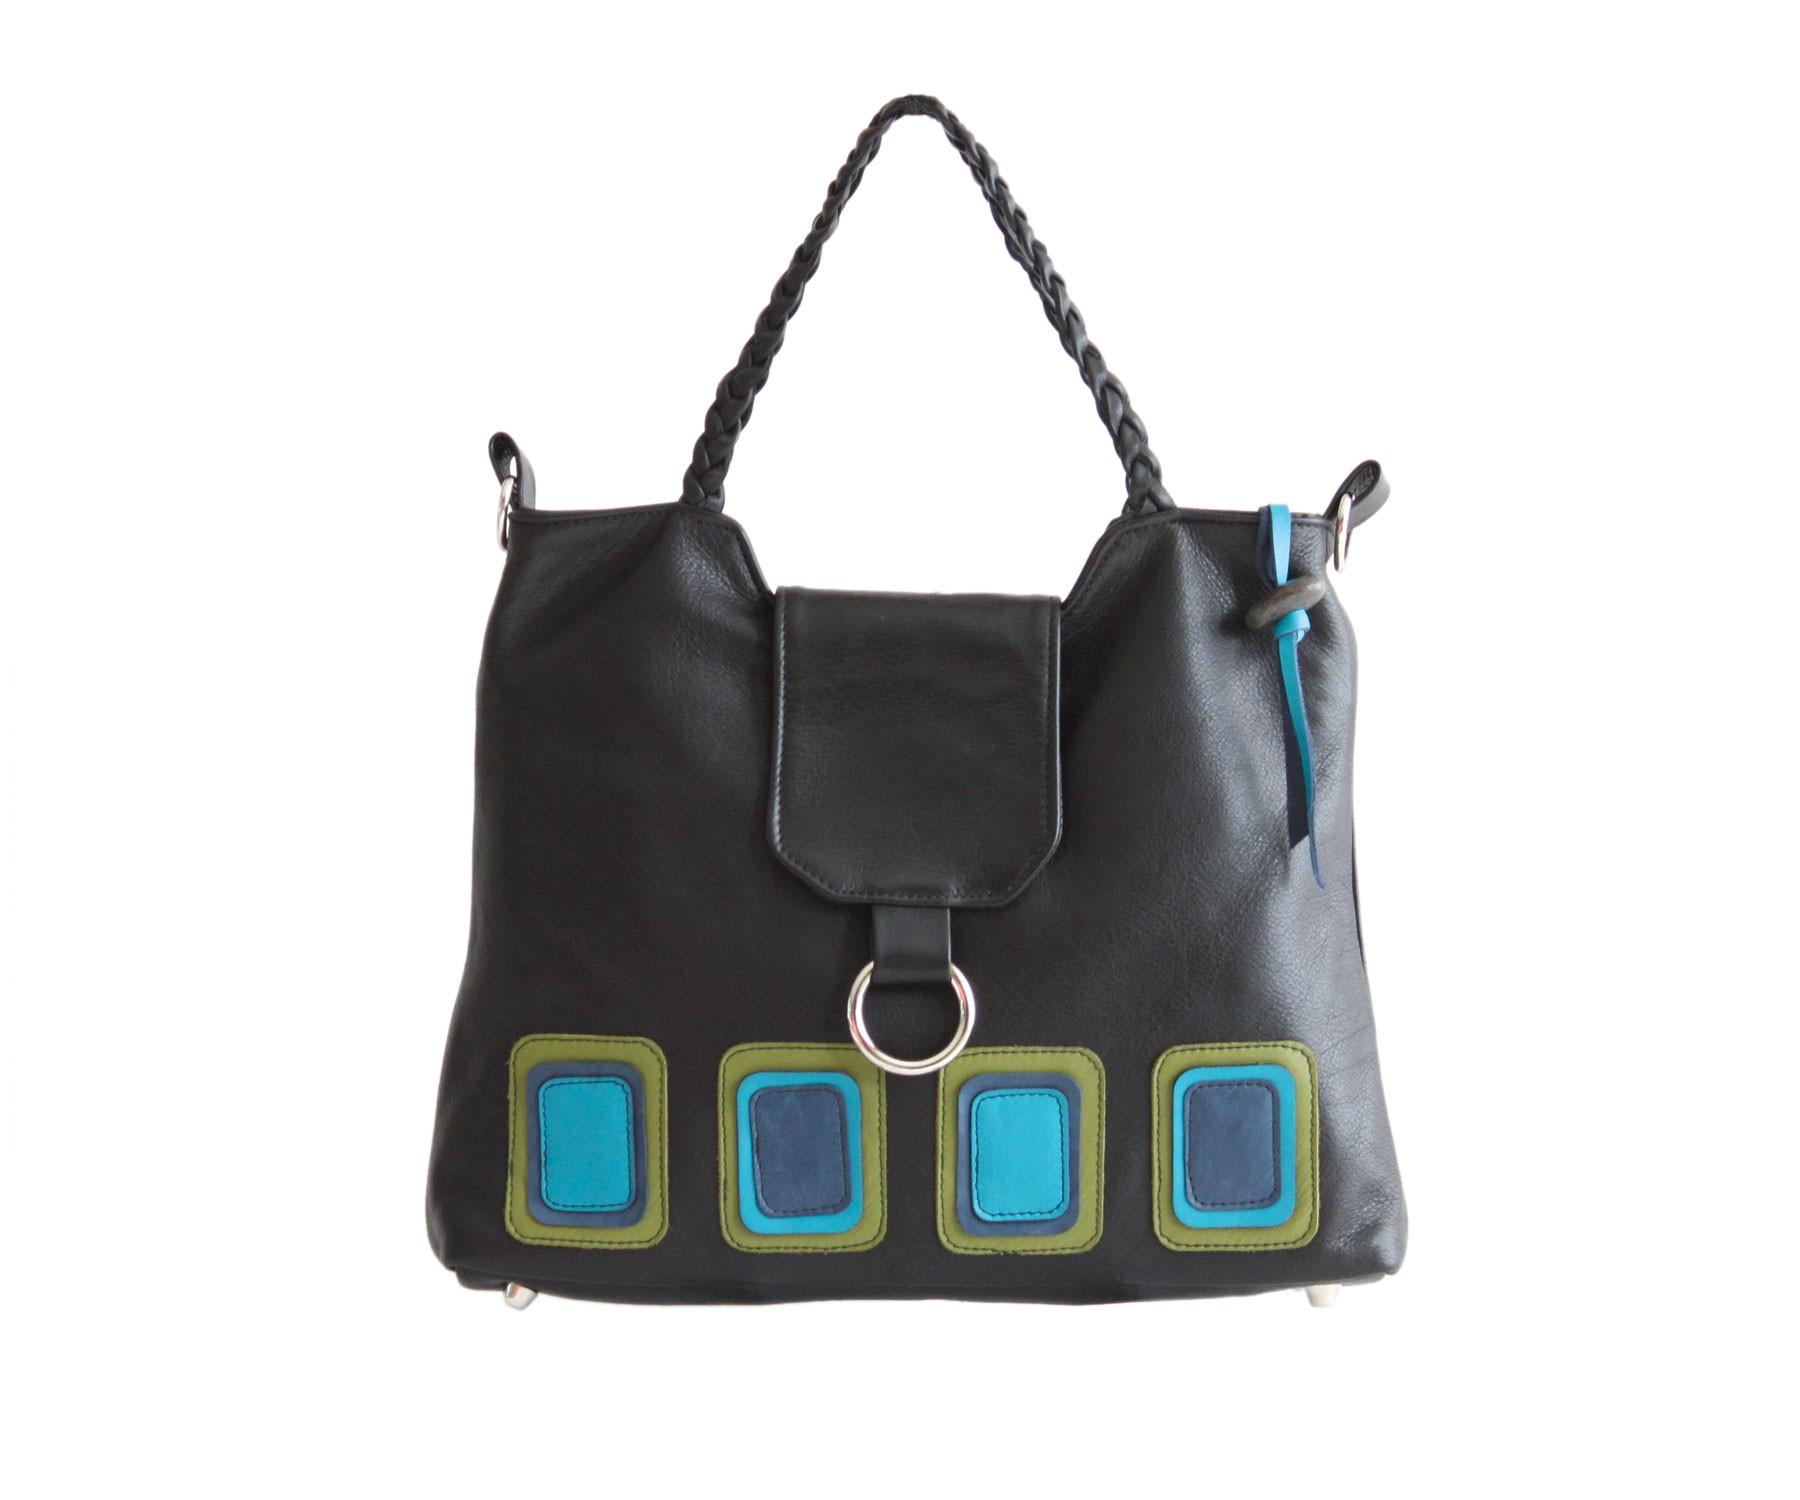 opart_handbag_front.jpg